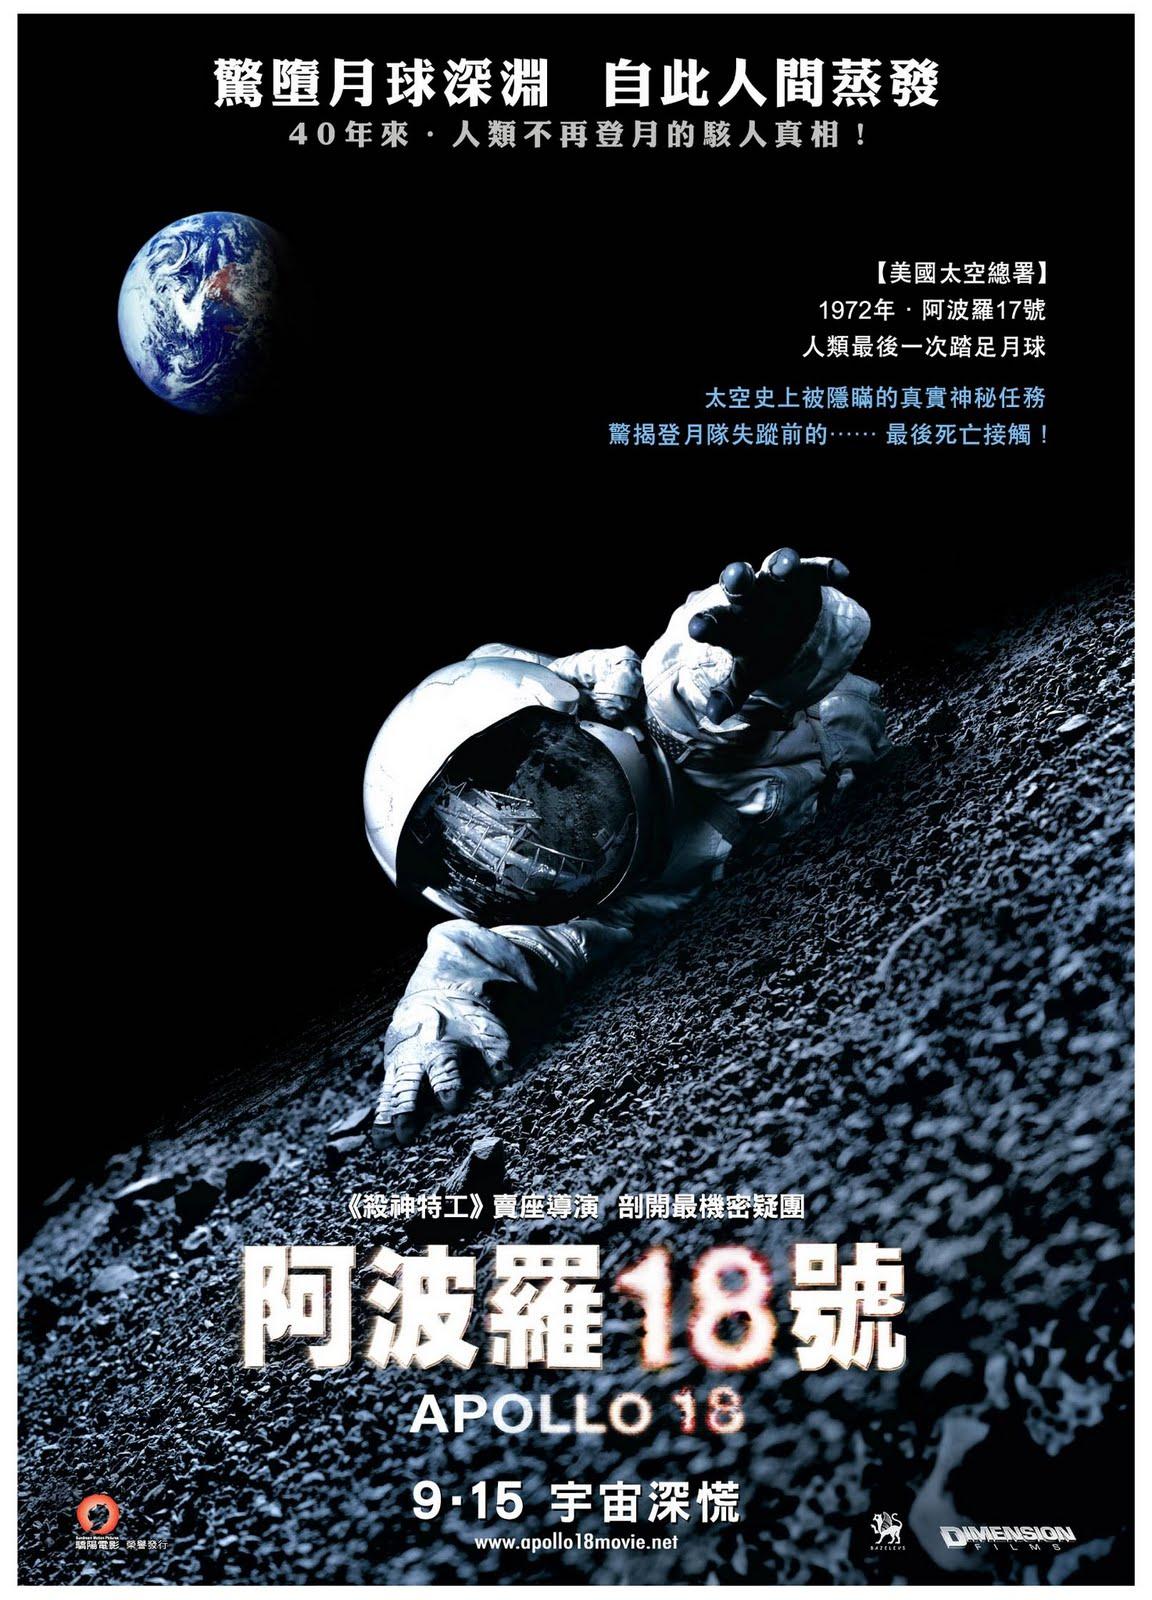 海市蜃樓: 阿波羅18號